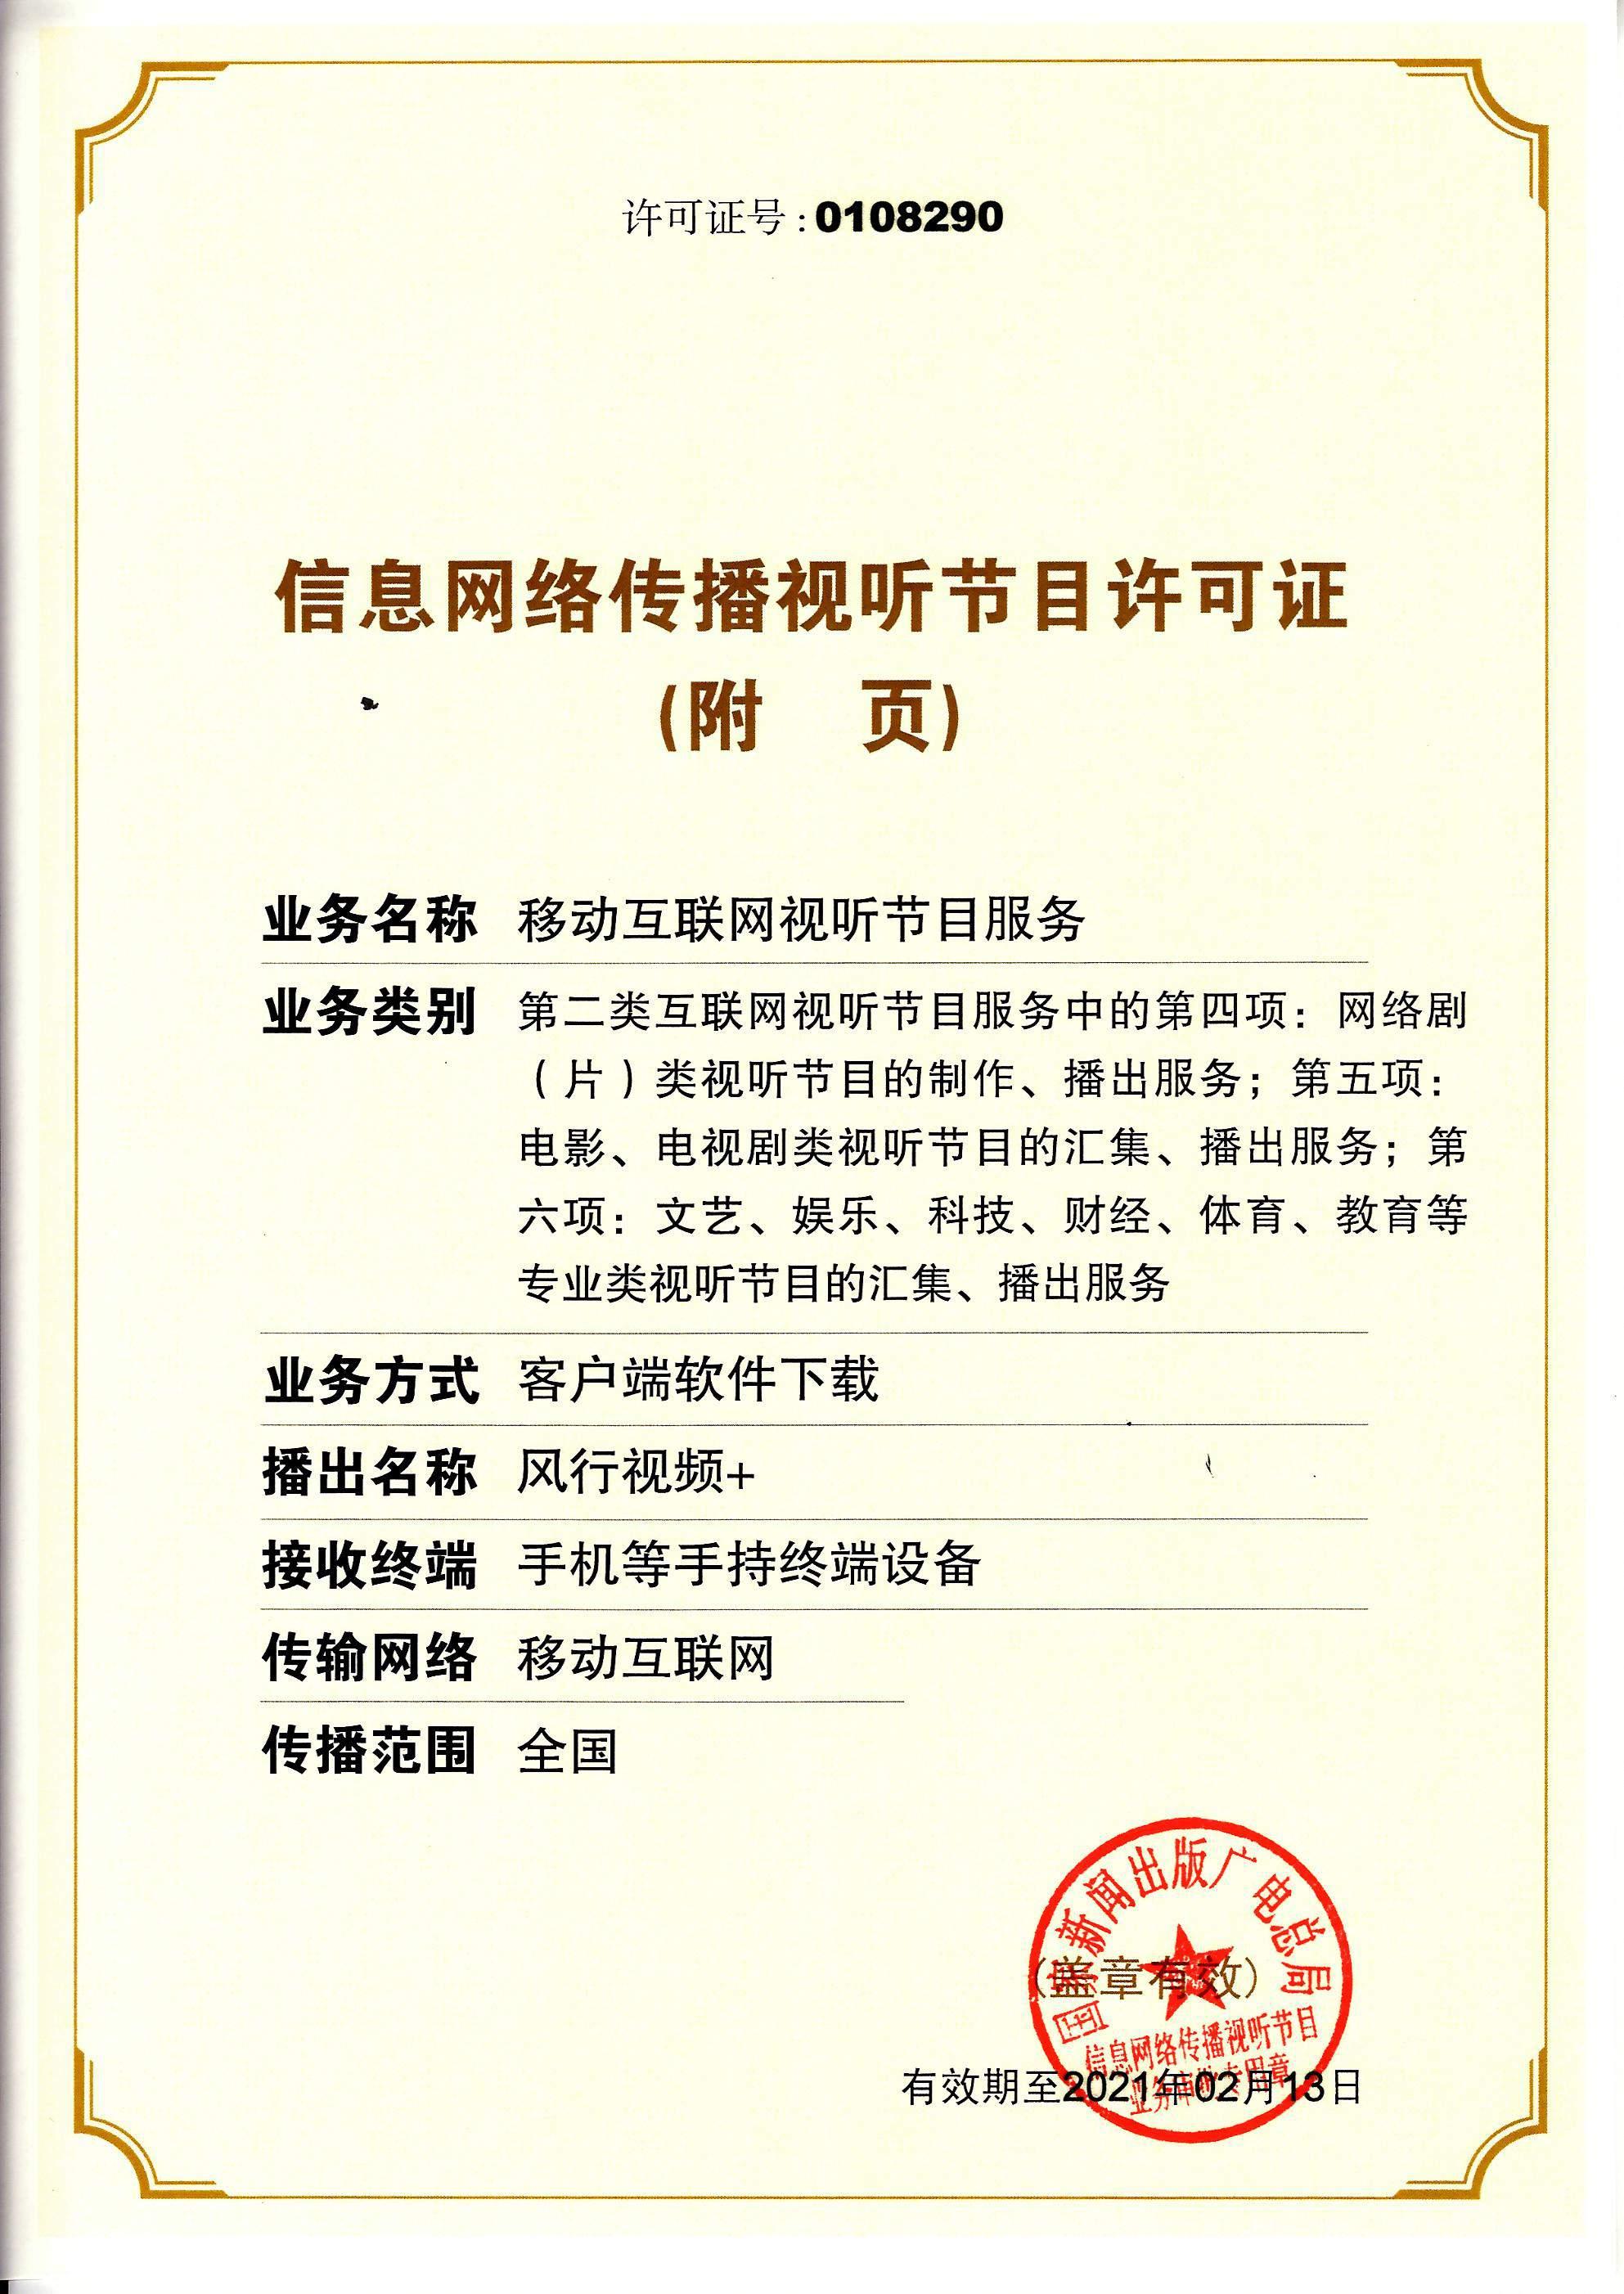 网络视听许可证0108290号 第3页